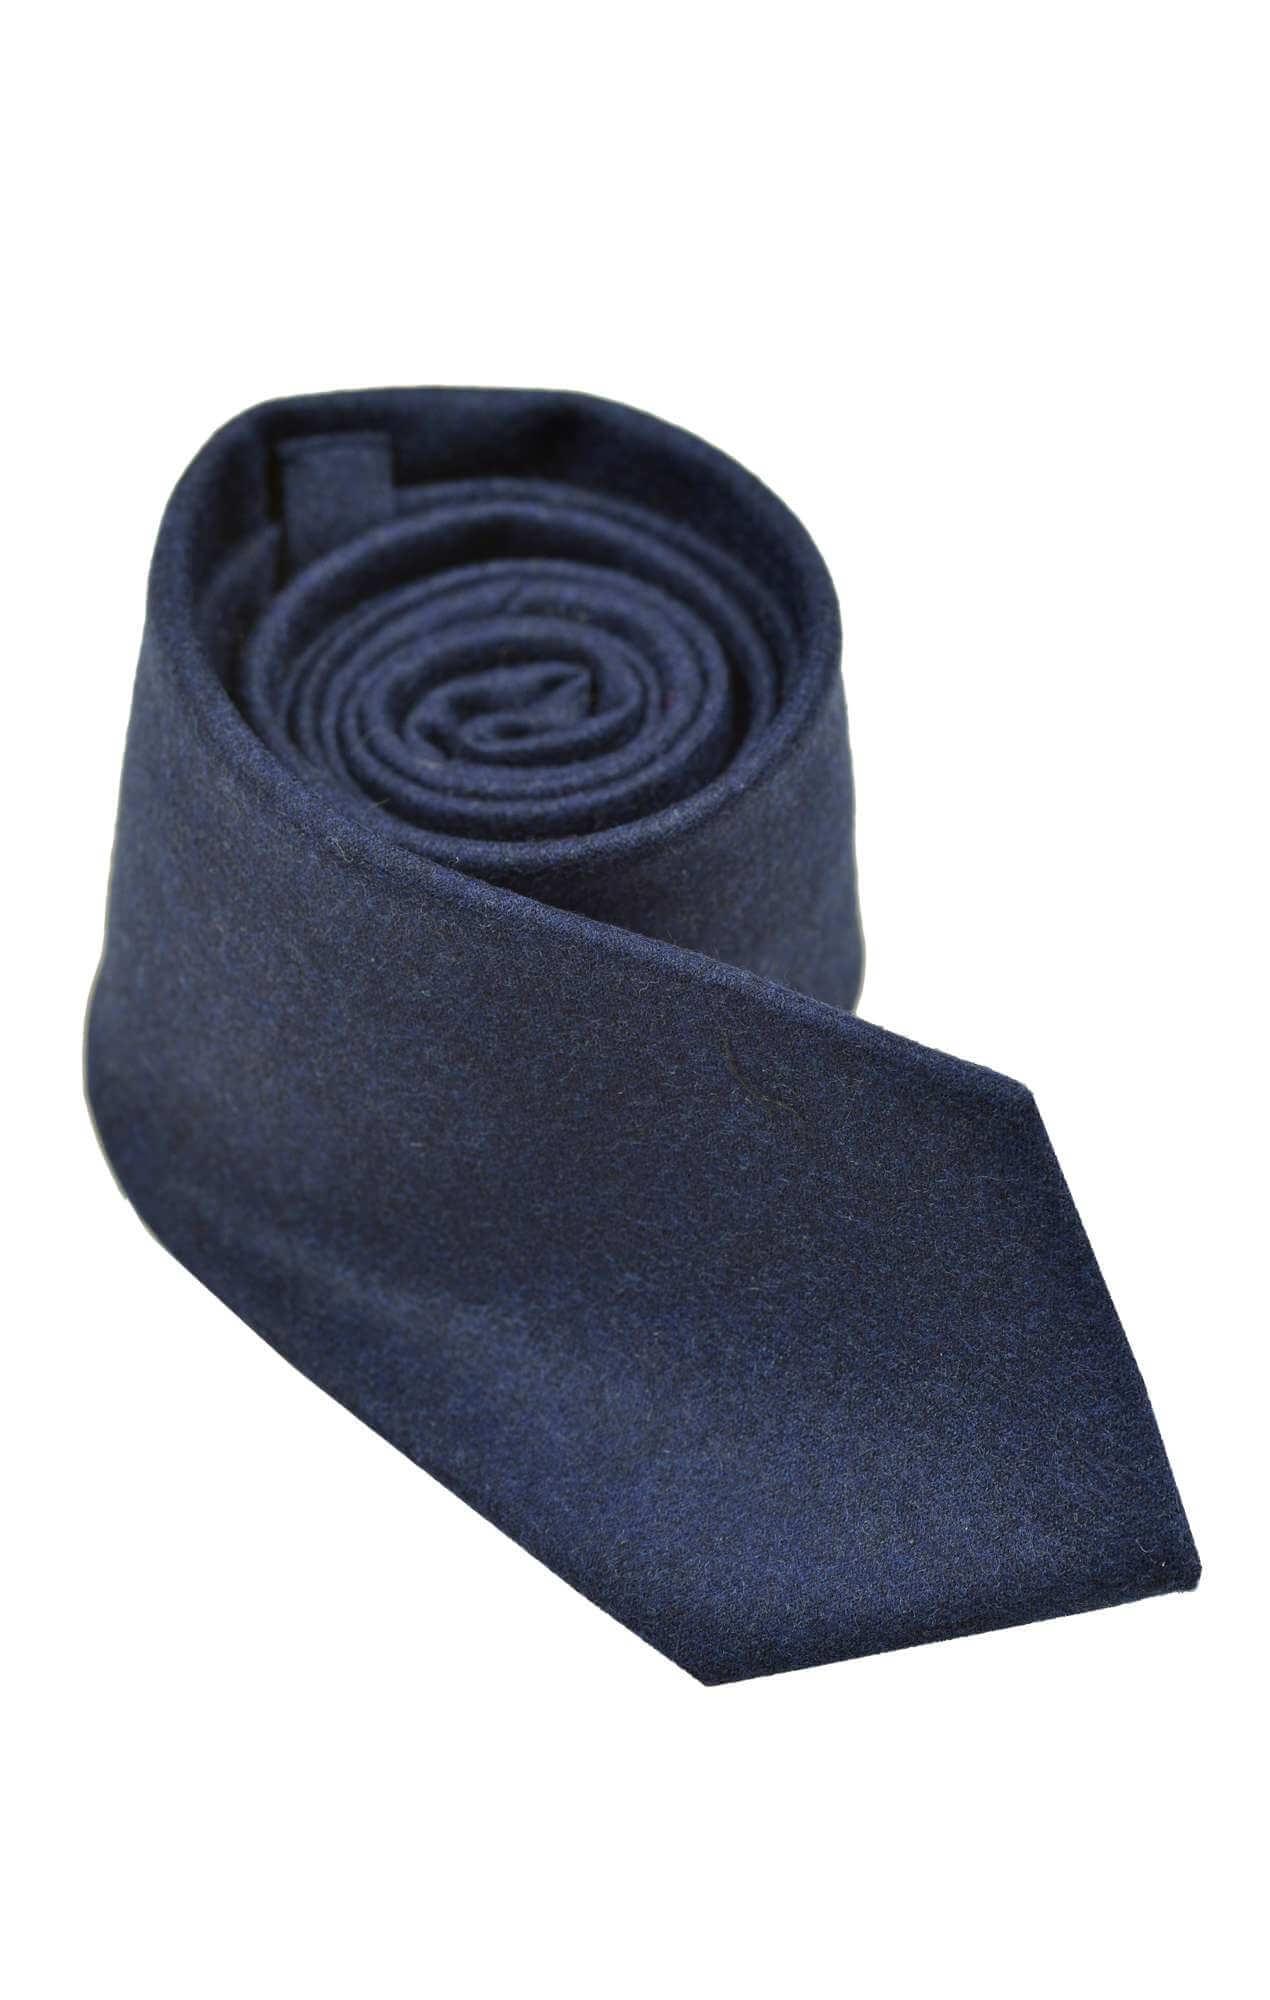 Cravate Barry laine & cachemire marine Cravates